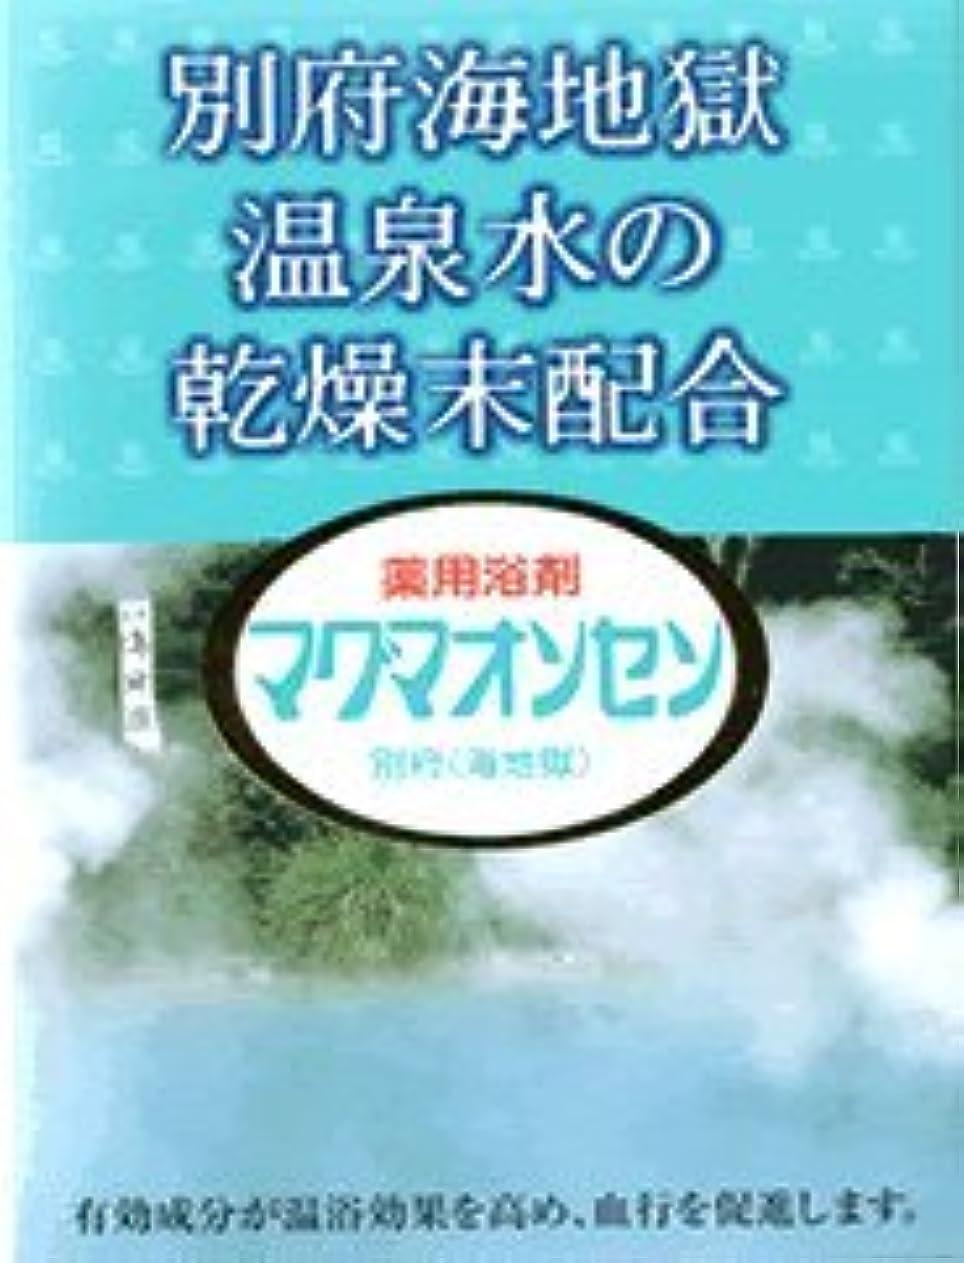 通り感じページェント薬用浴剤 マグマオンセン 21包入 お得な 3箱セット